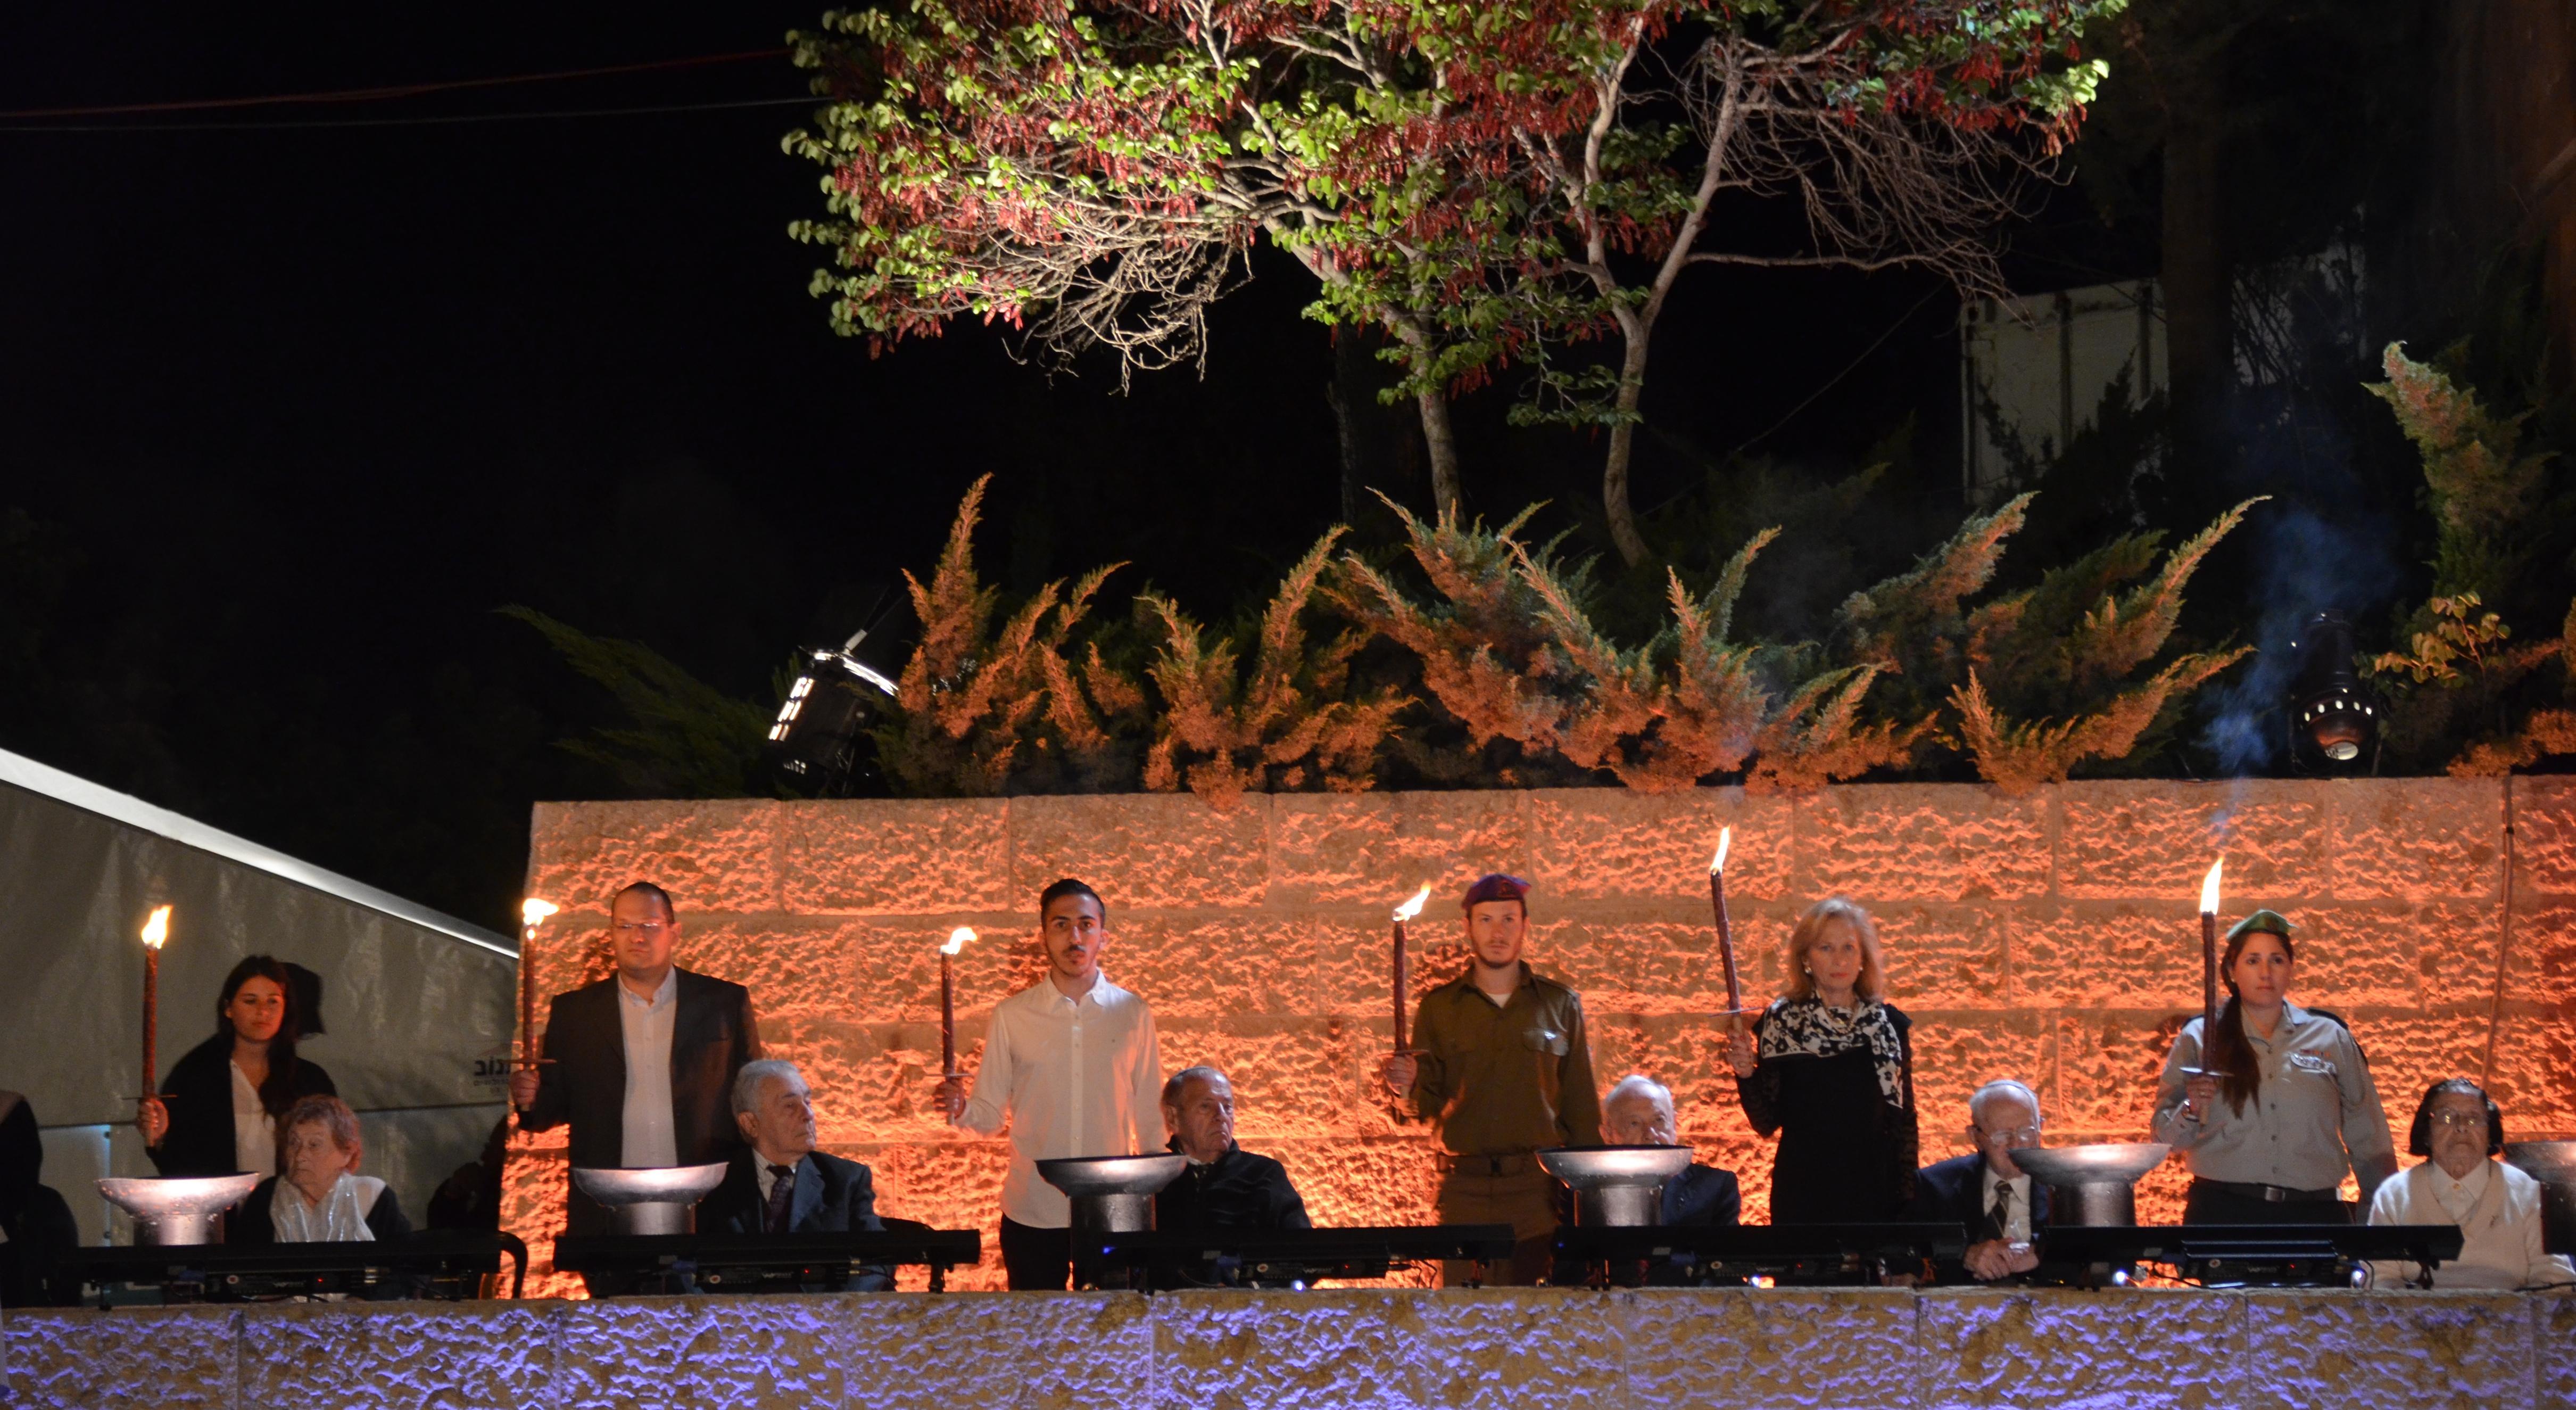 Yom Hashoad at Yad Vashem six torch lighters